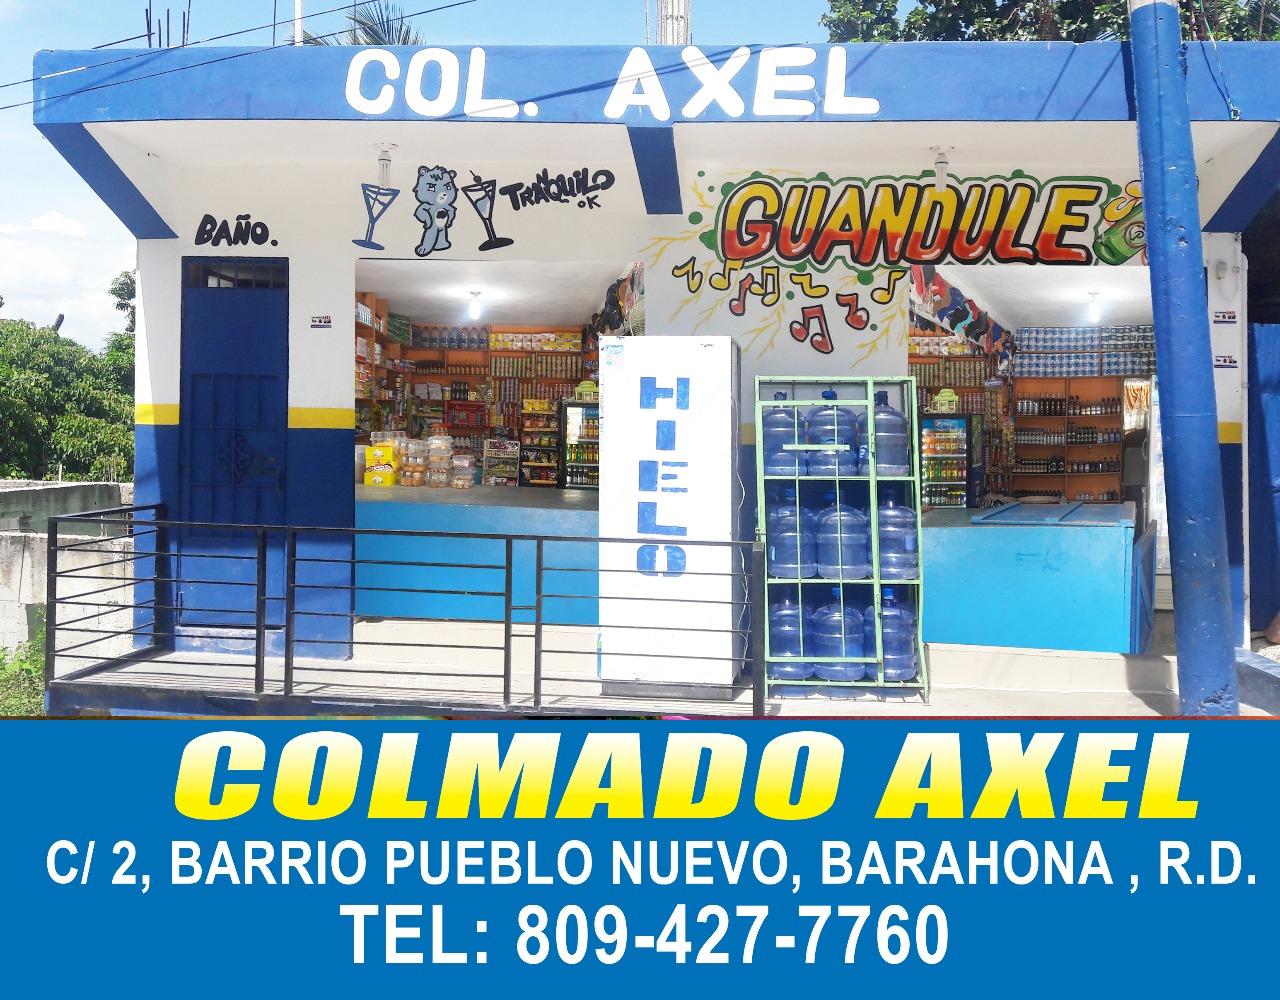 COLMADO AXEL